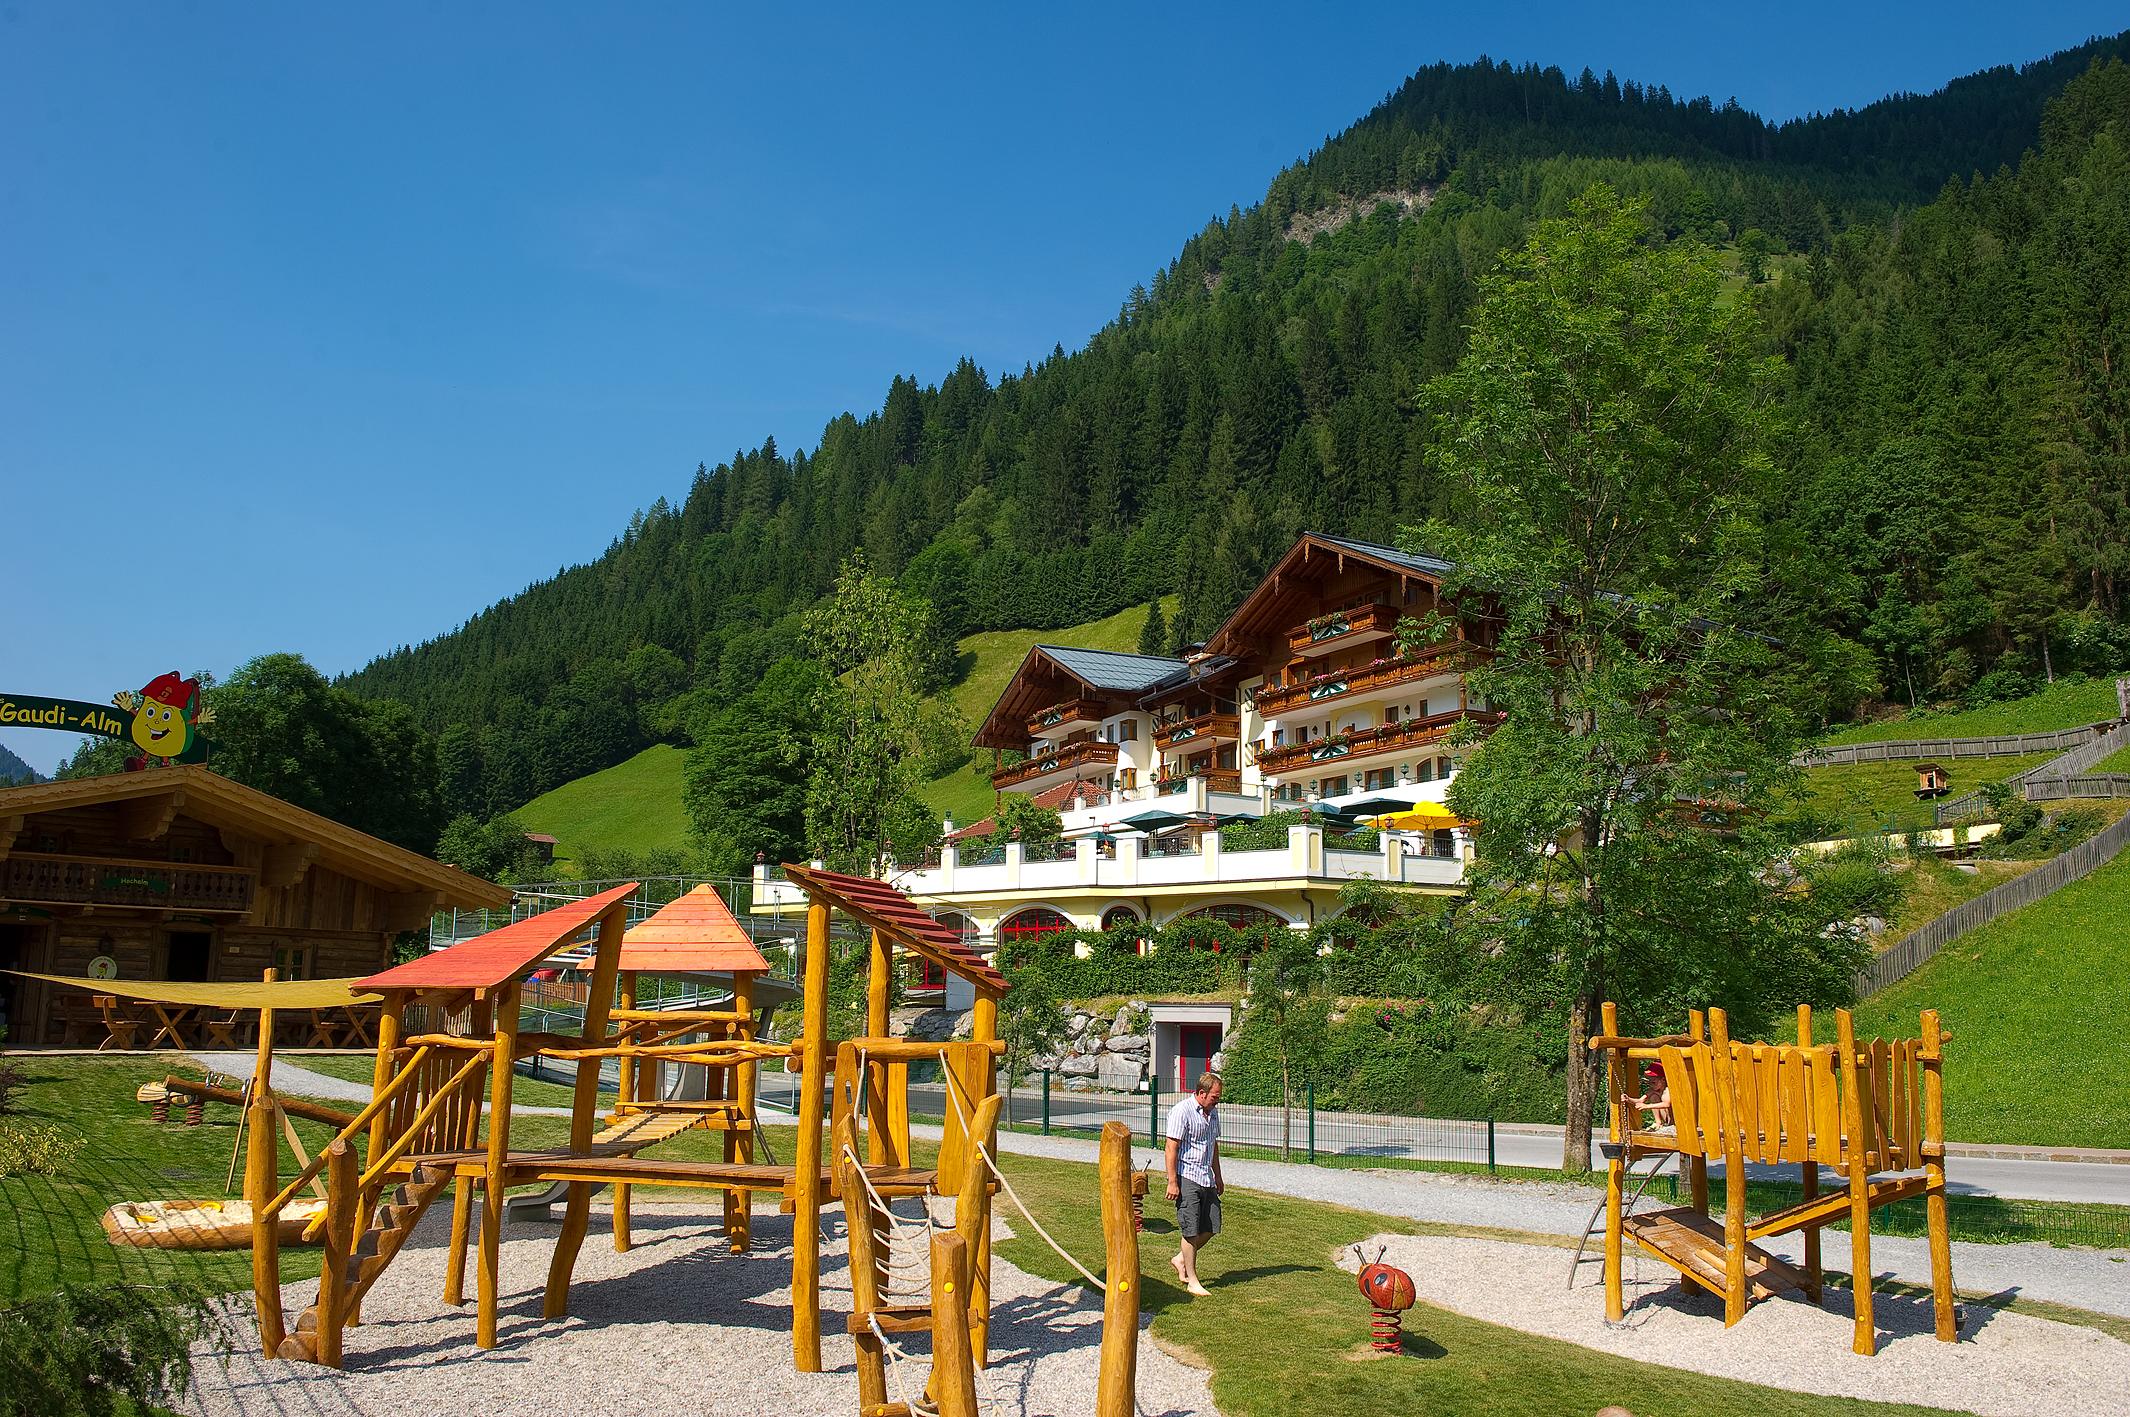 Der sommer kann kommen der sommer kann kommen tourismusverband gro arltal 9 startseite - Landesbauordnung schleswig holstein gartenhaus ...